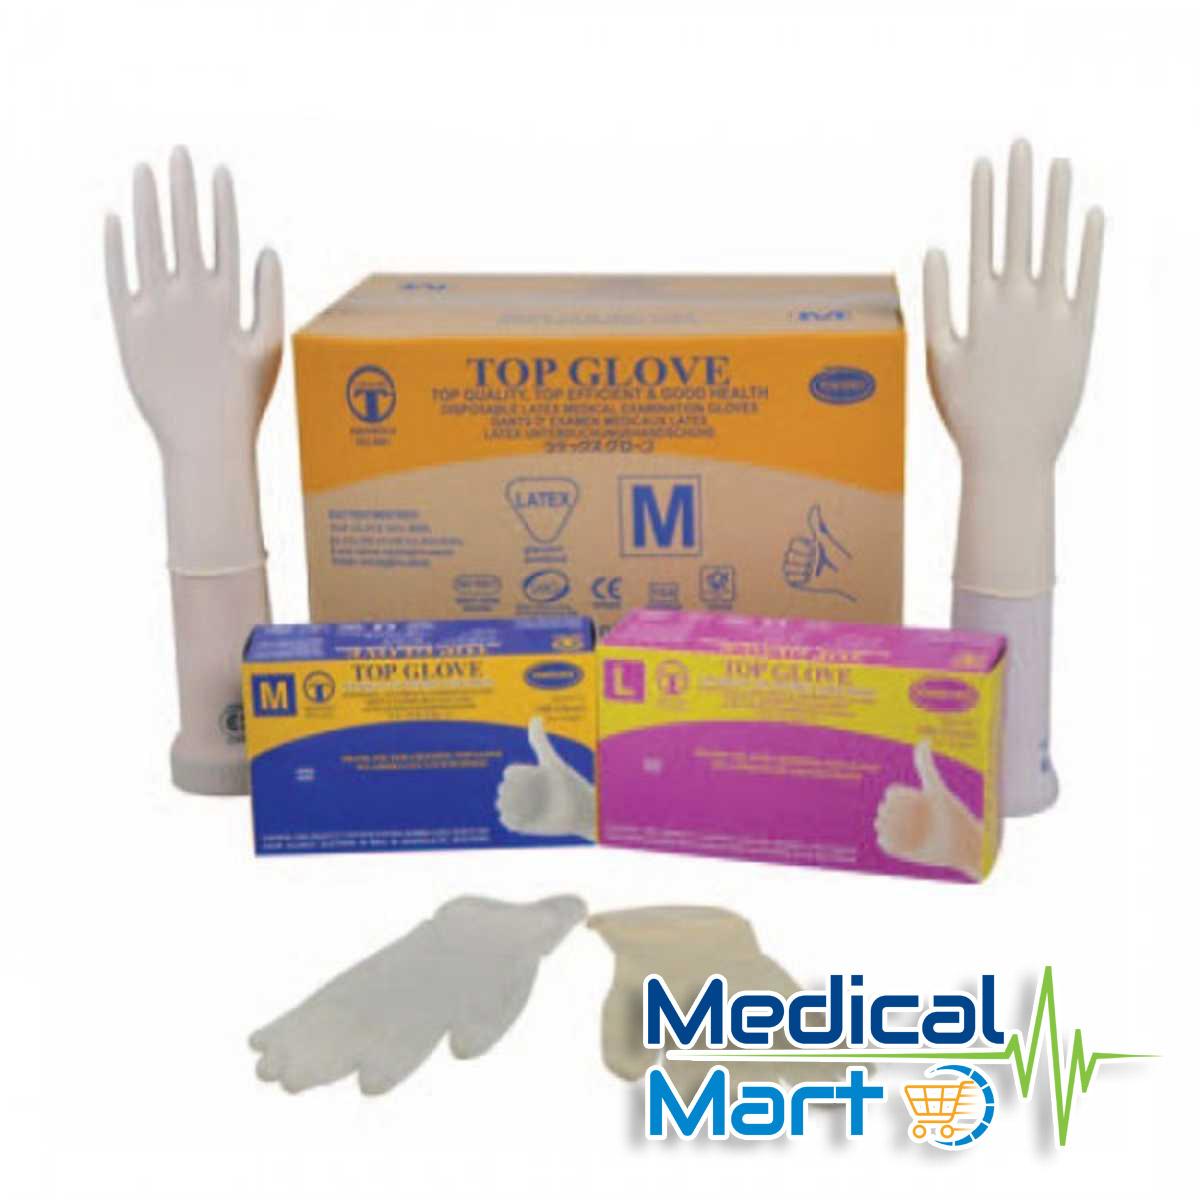 Latex Examination Glove Powdered